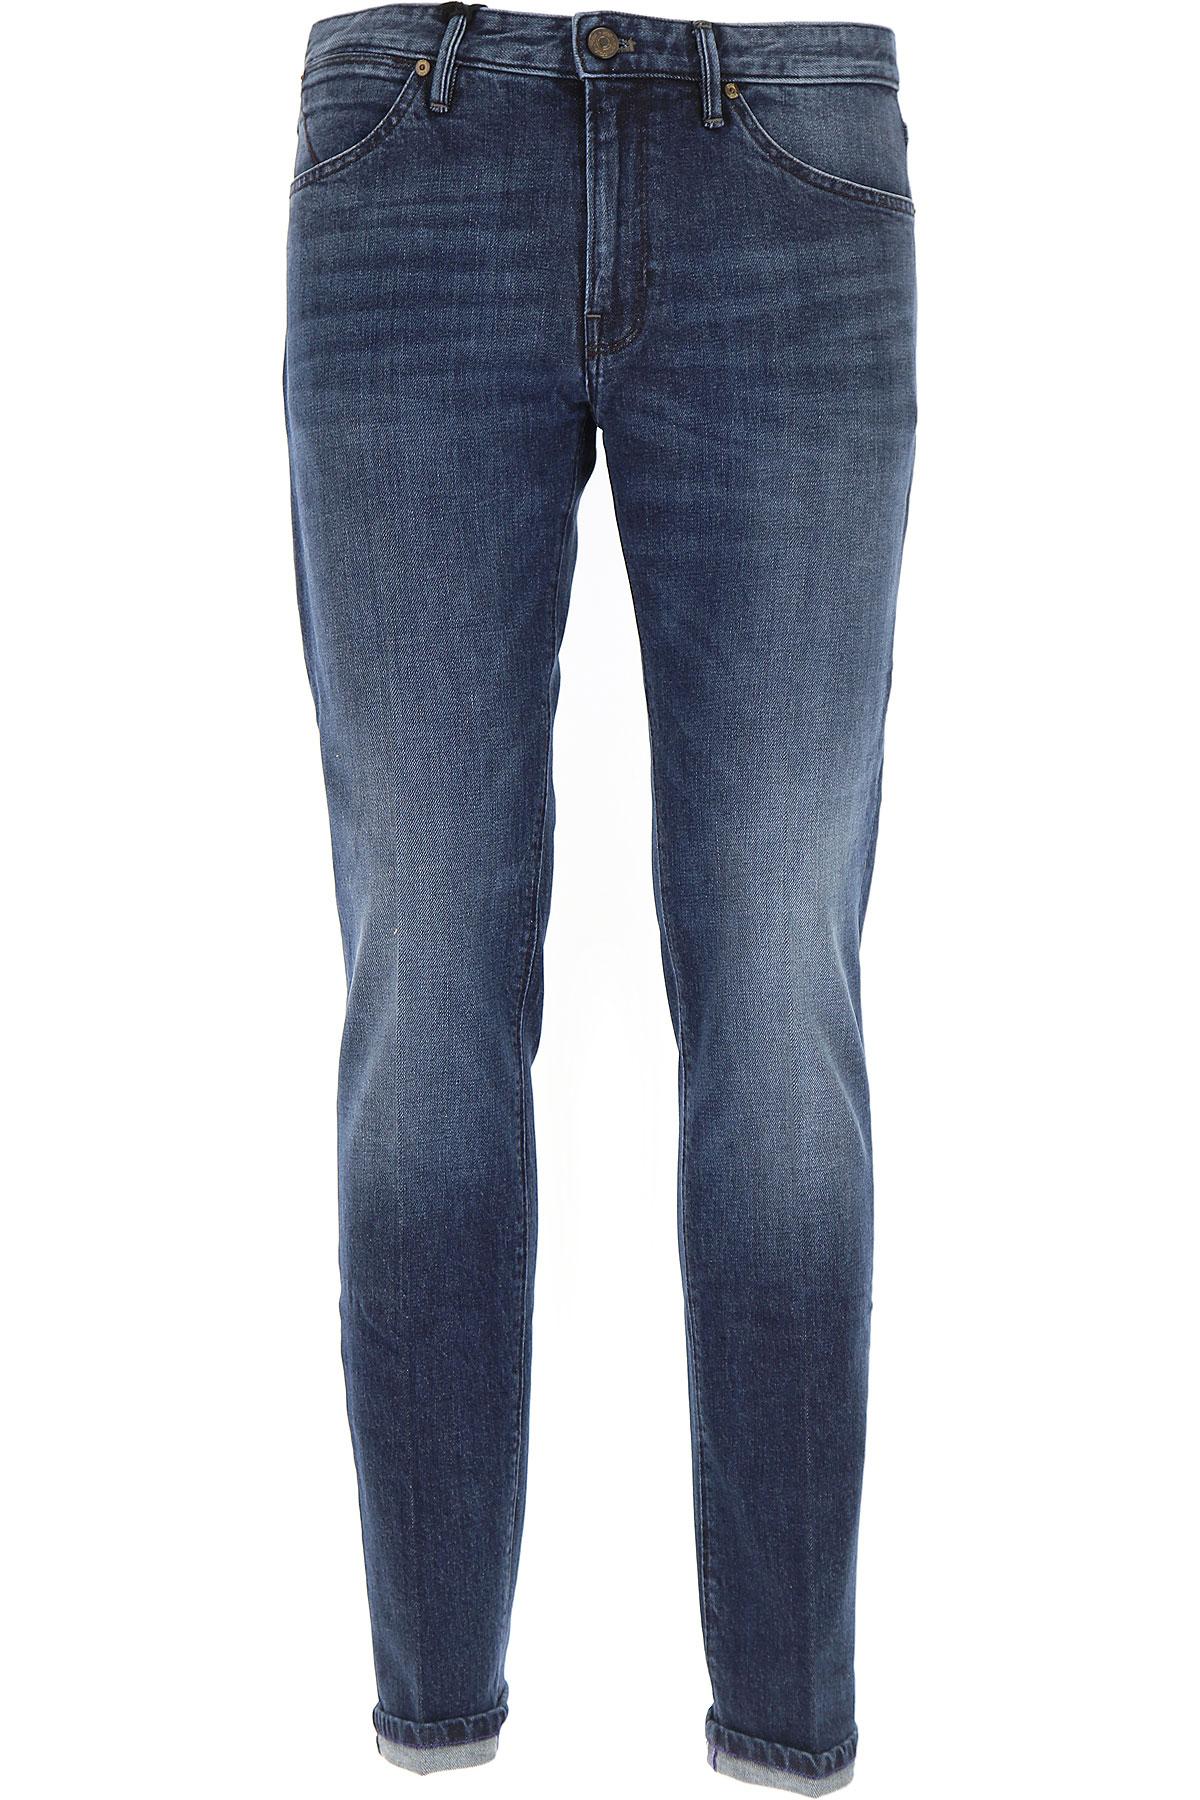 Image of PT05 Jeans, Denim Blue, Cotton, 2017, 30 32 34 36